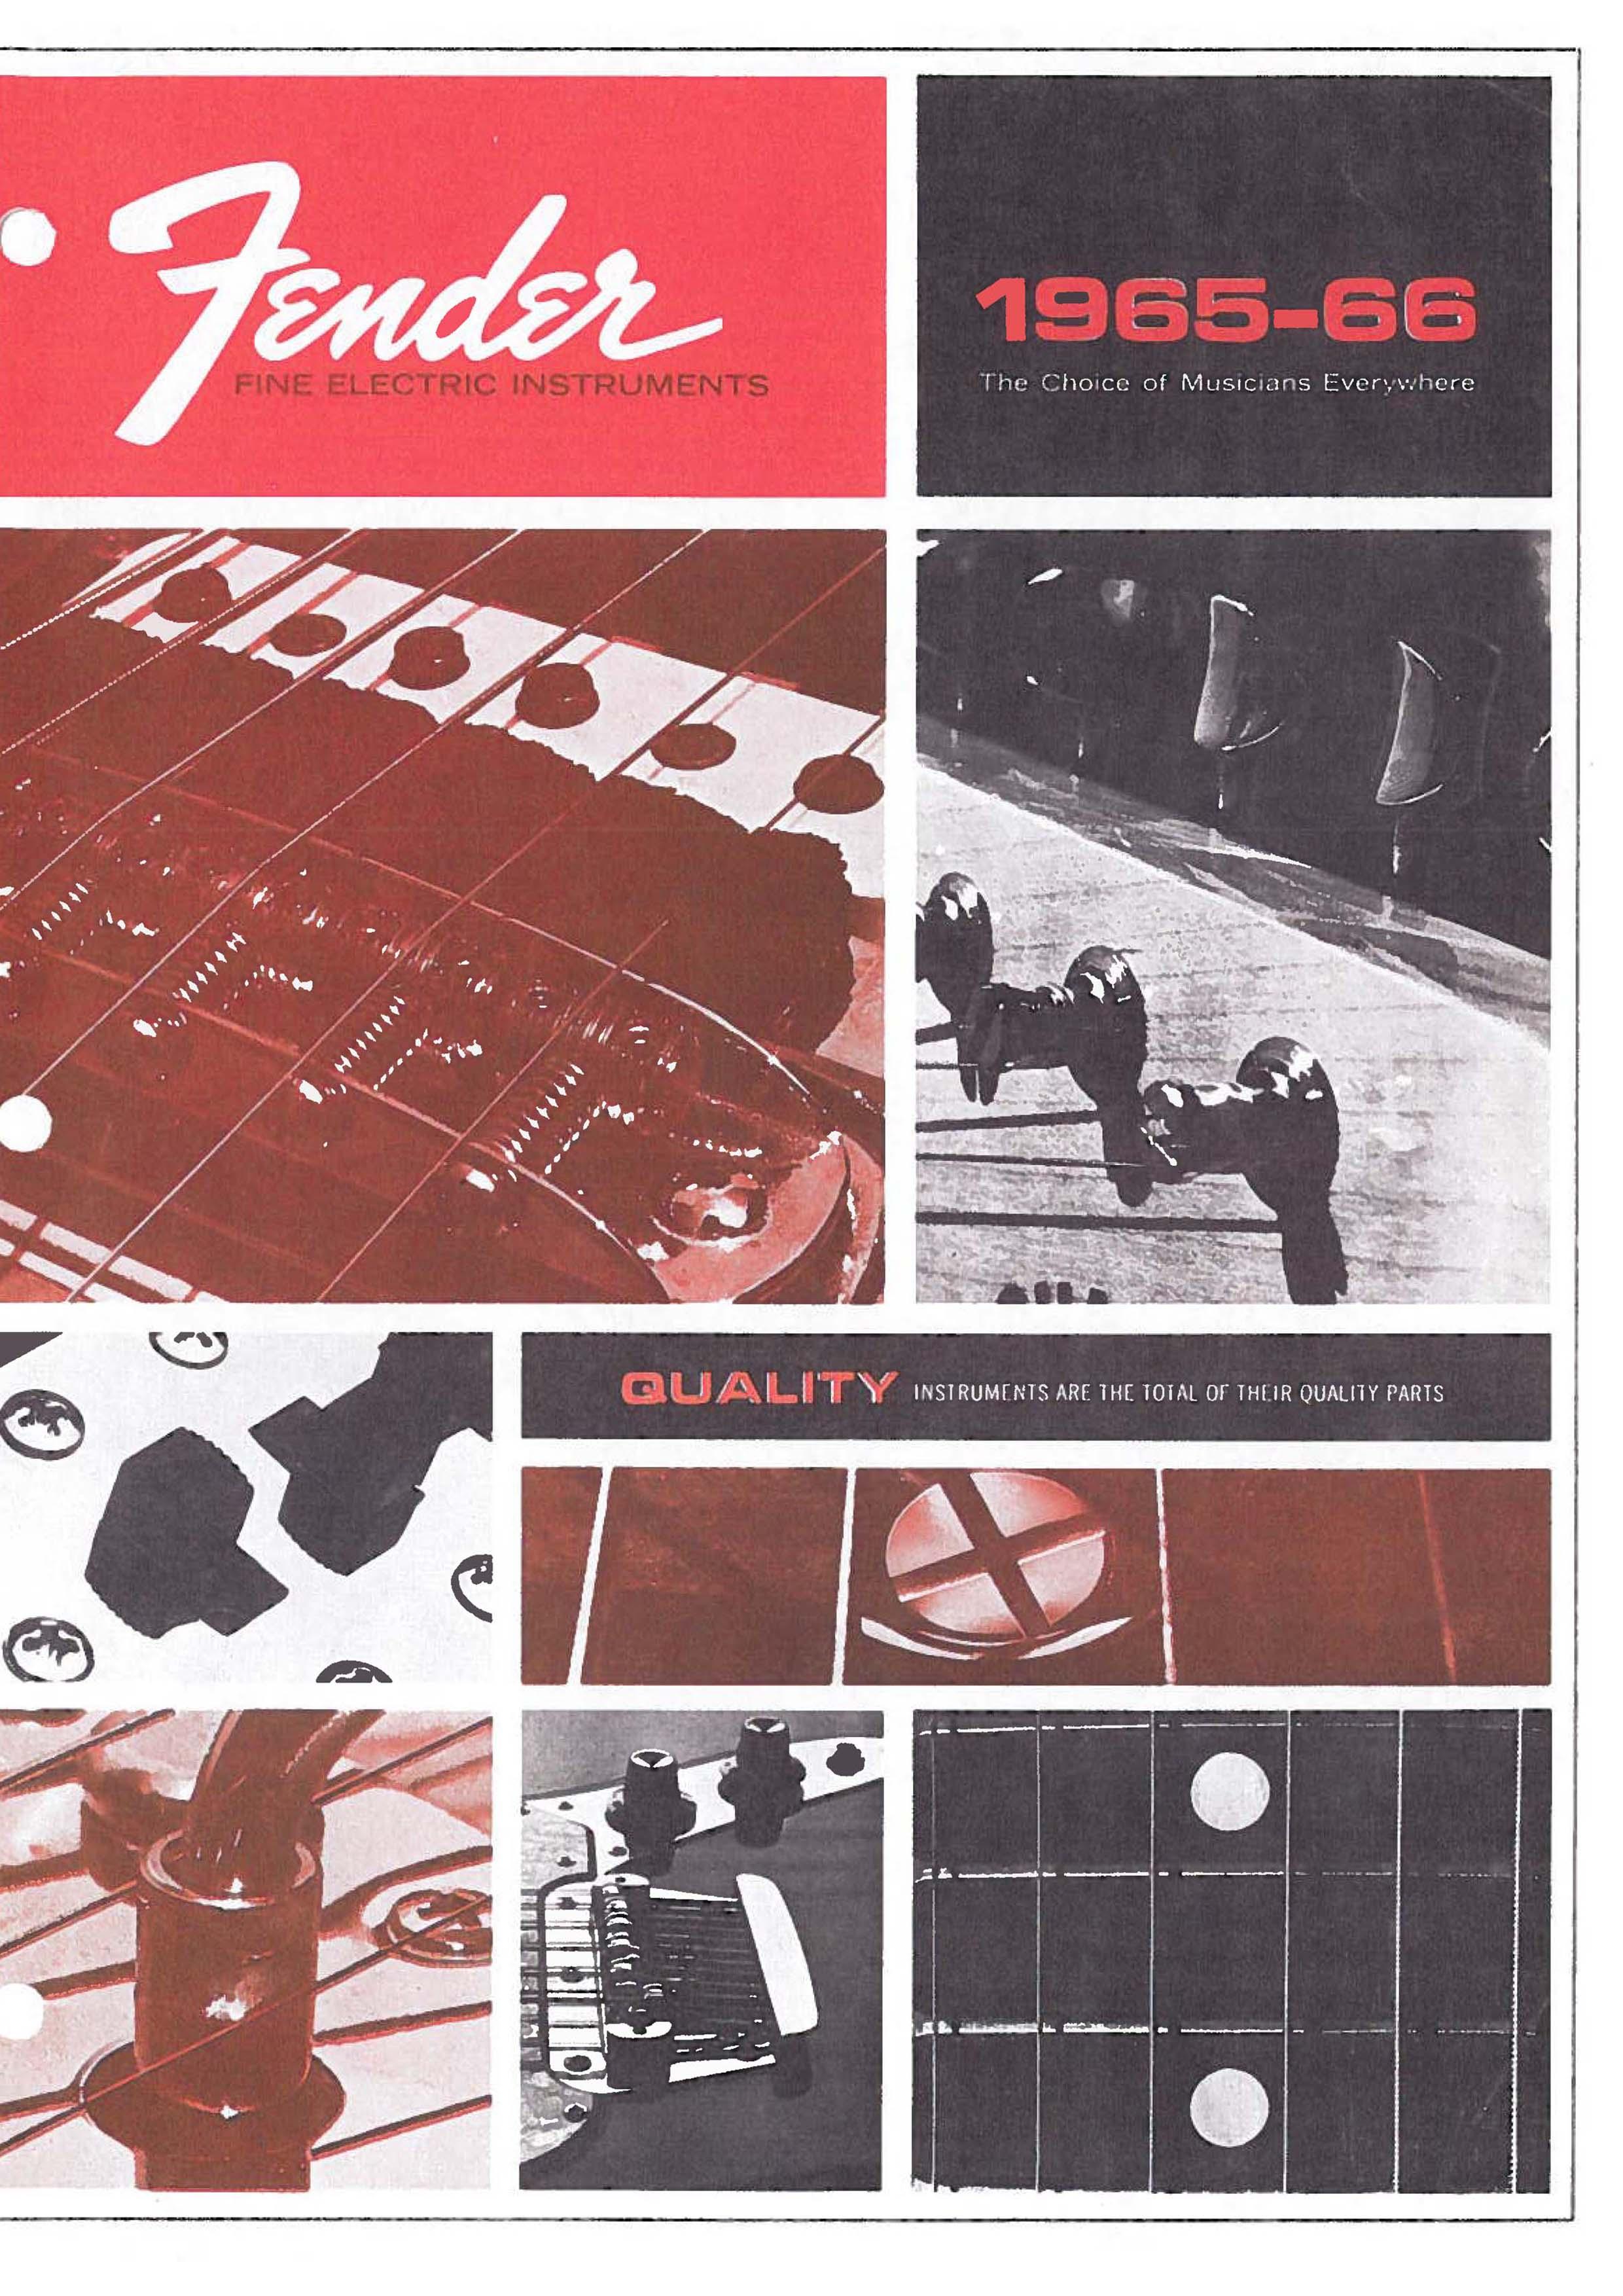 Fender Catalog 1965-66